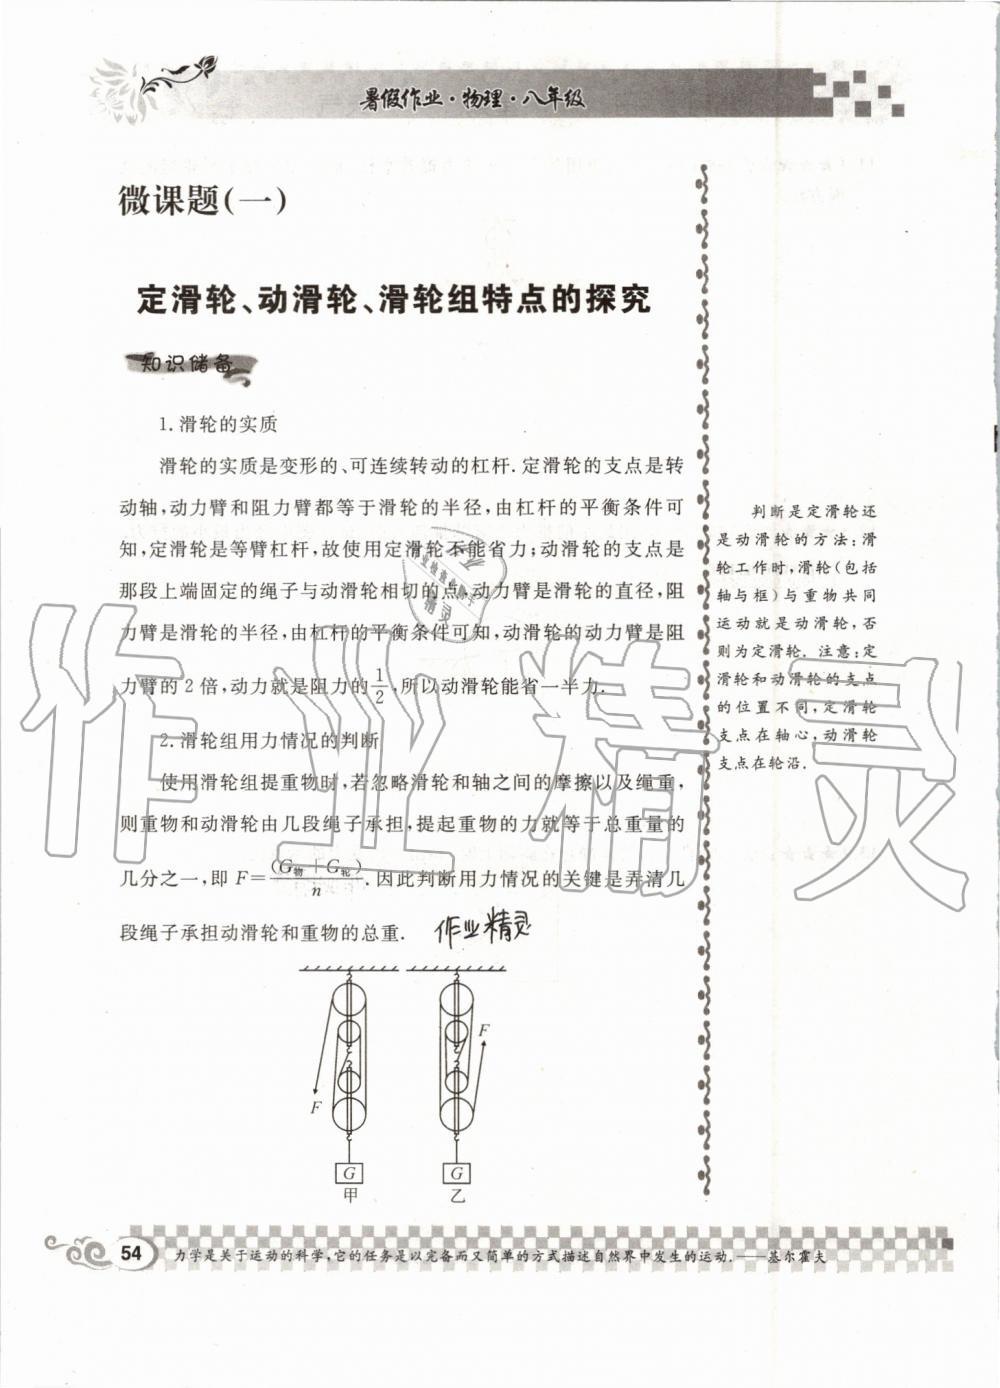 2019年长江暑假作业八年级物理崇文书局第54页